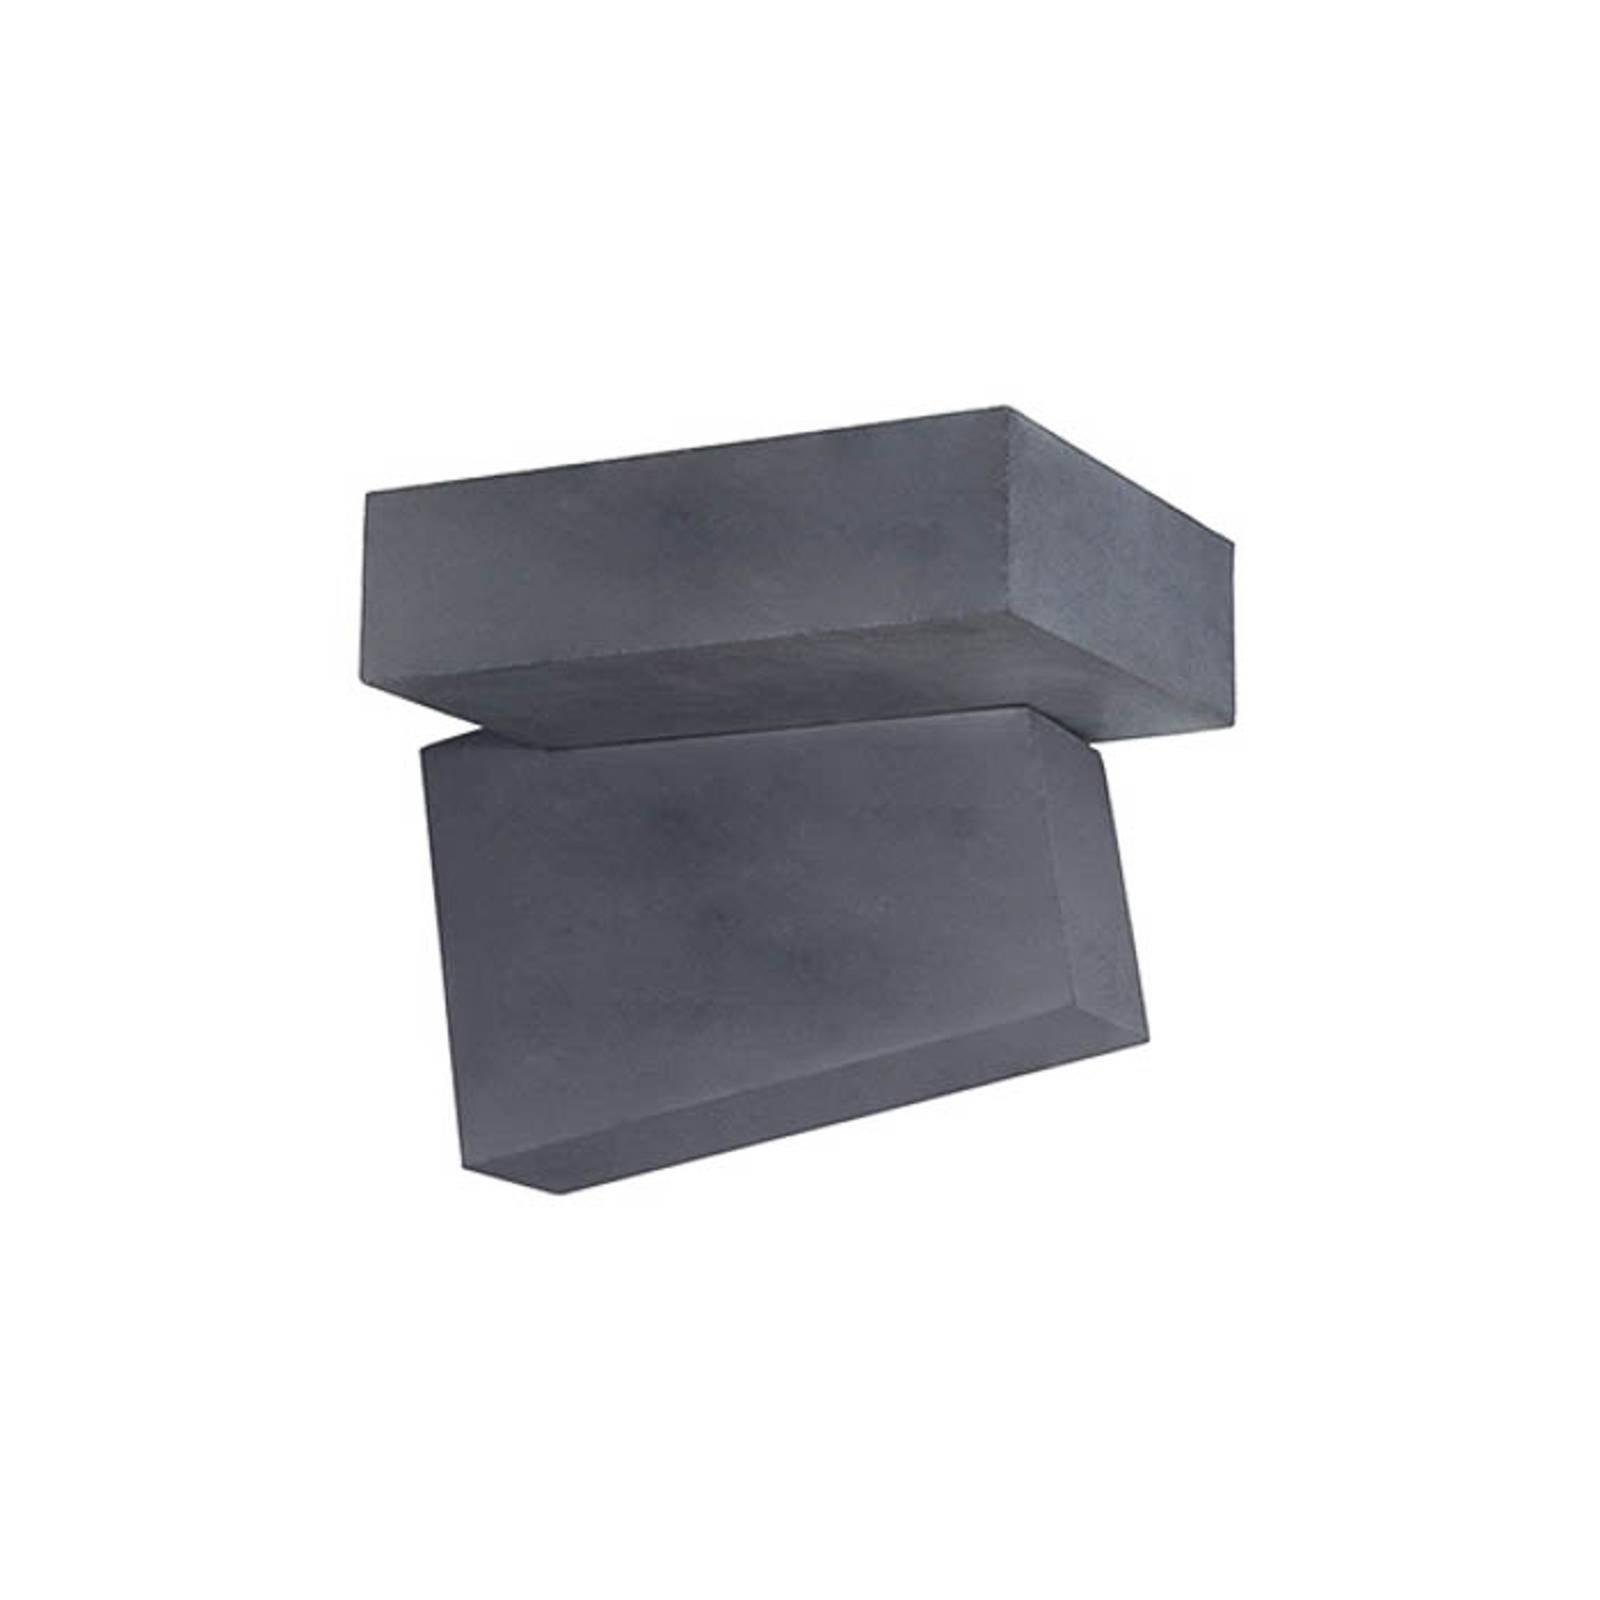 Utendørs LED-vegglampe Domino i svart